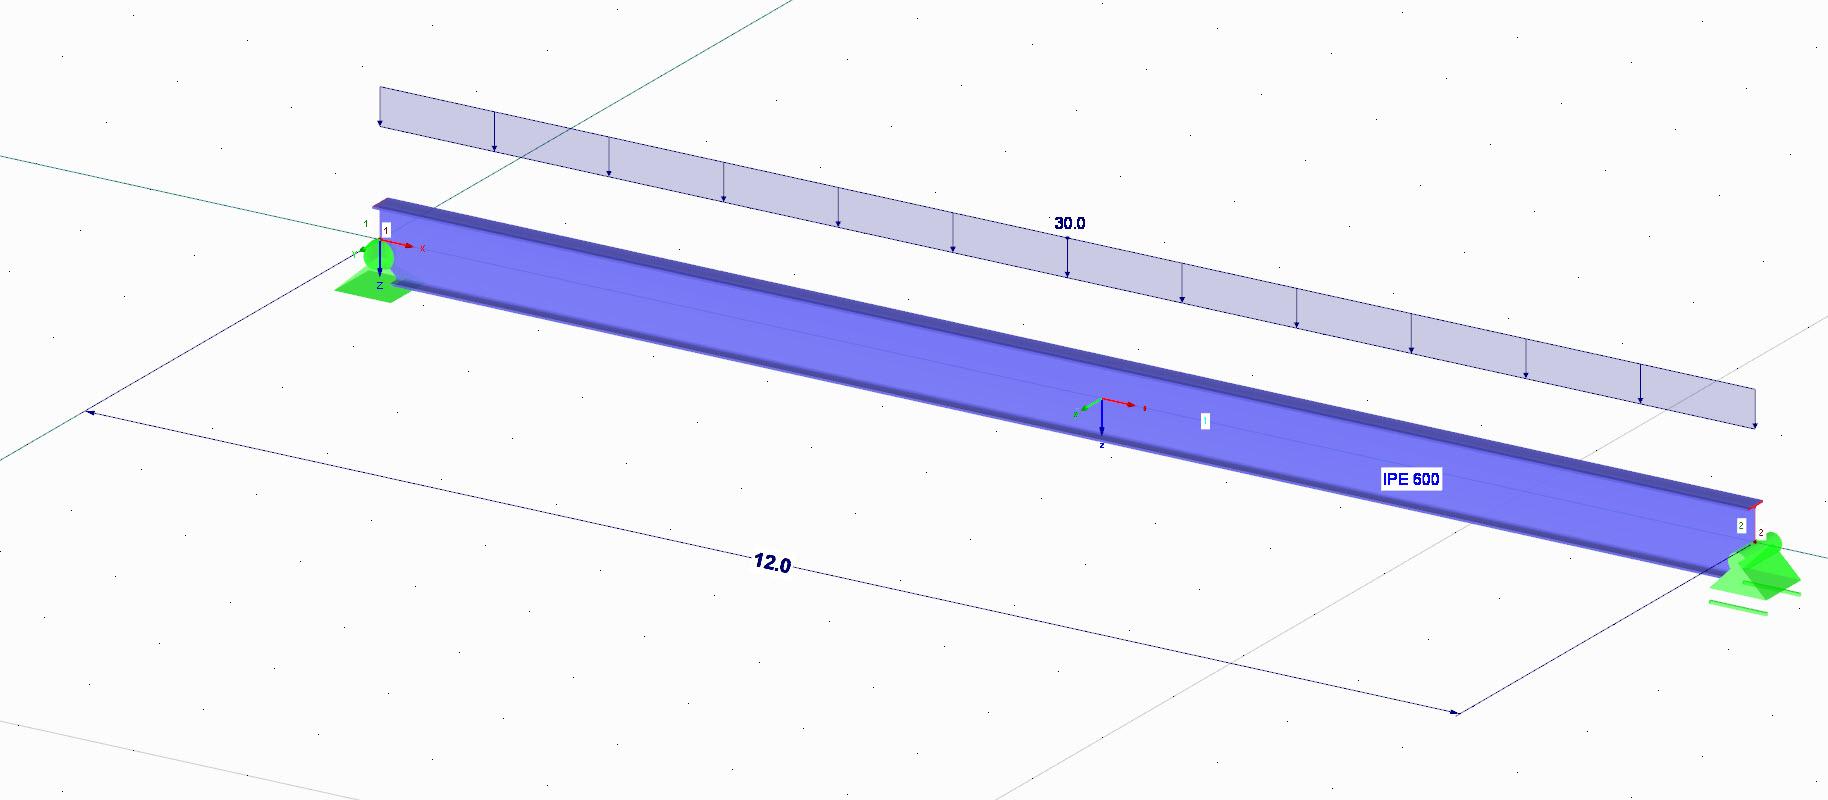 Doorsnede classficatie van ligger in RF-STEEL EC3